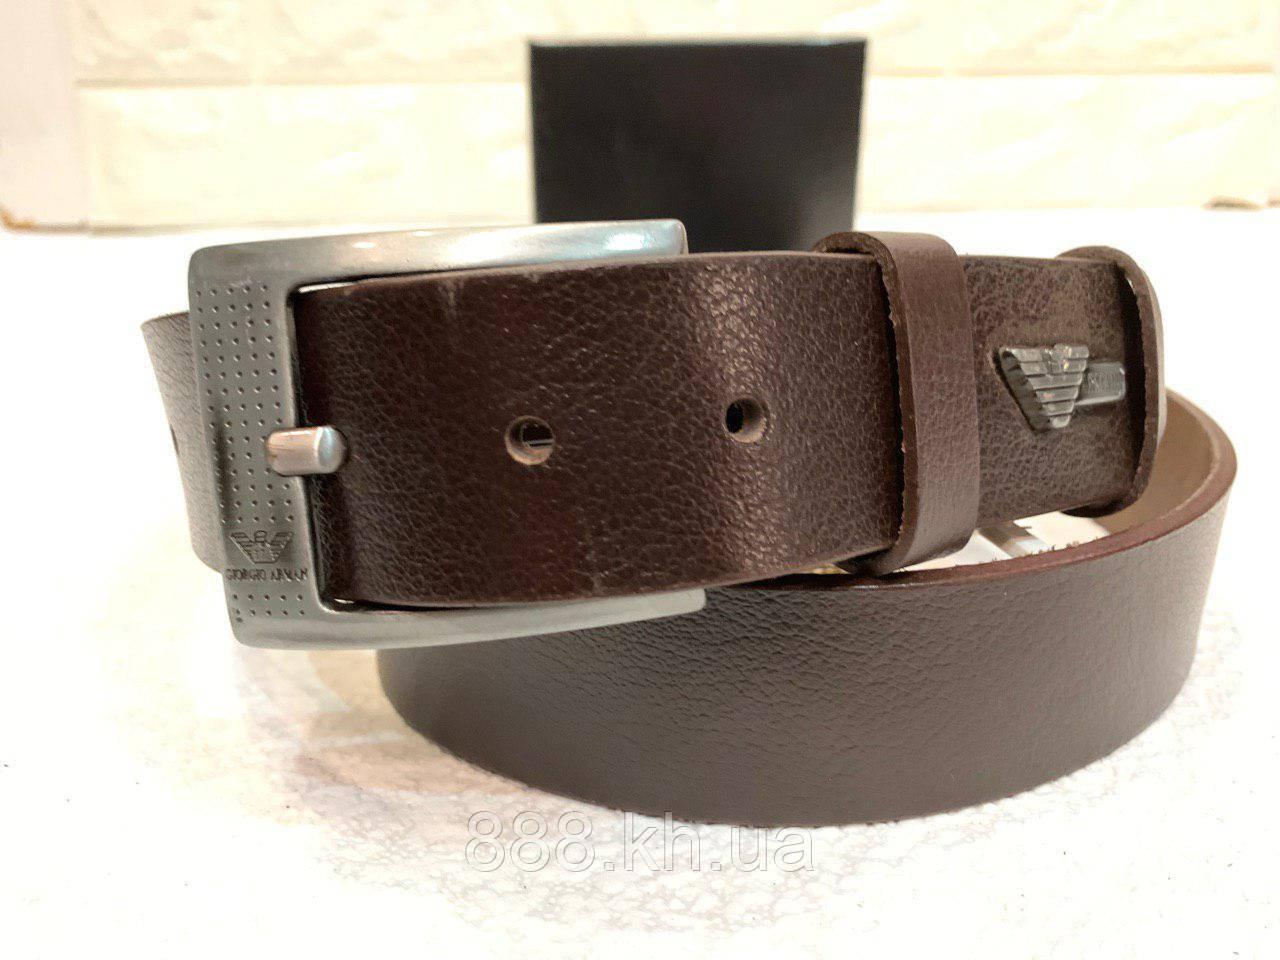 Мужской кожаный ремень Armani, коричневый ремень